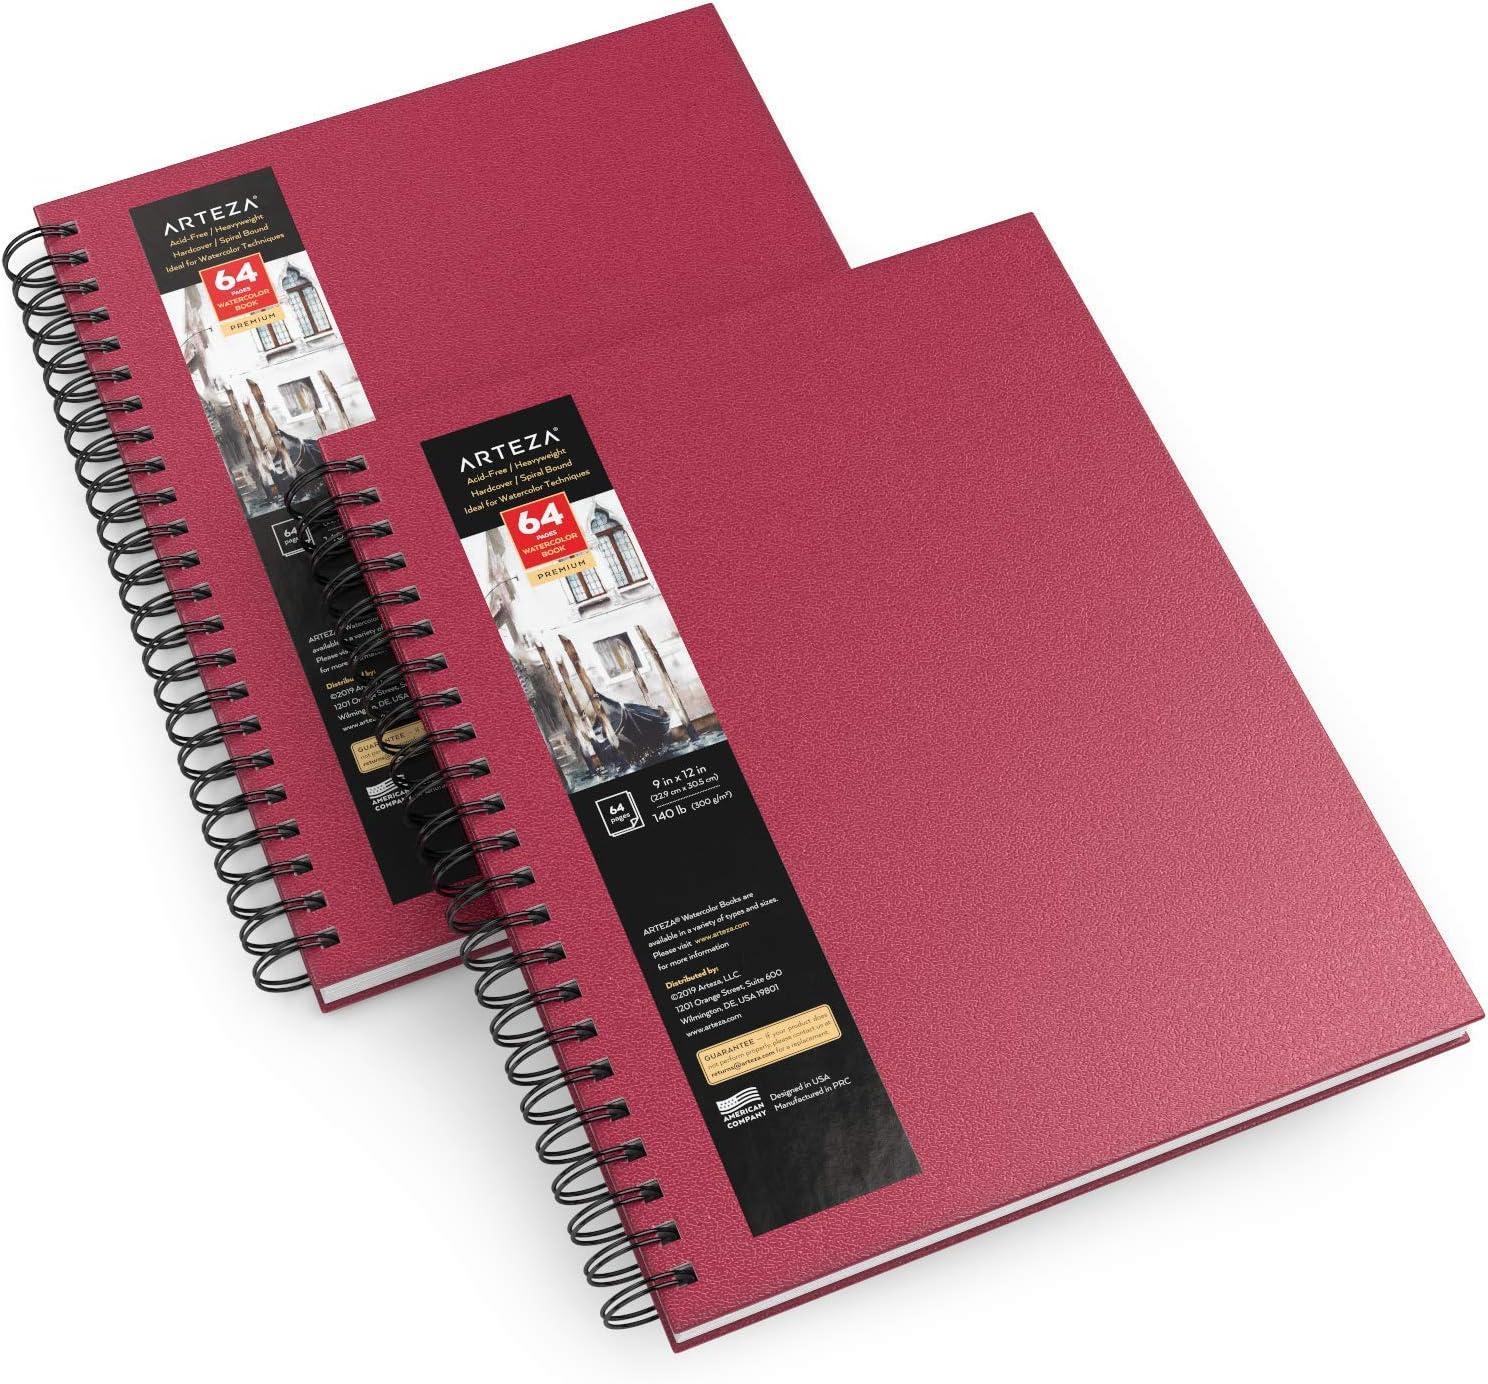 """Arteza Cuadernos de acuarela, 9x12"""" (22,9x30,5 cm), pack 2 diarios tapa dura color rosa, 64 hojas, papel acuarela 300 gsm, bloc espiral, también para gouache, acrílico, lápiz, medios húmedos y secos"""